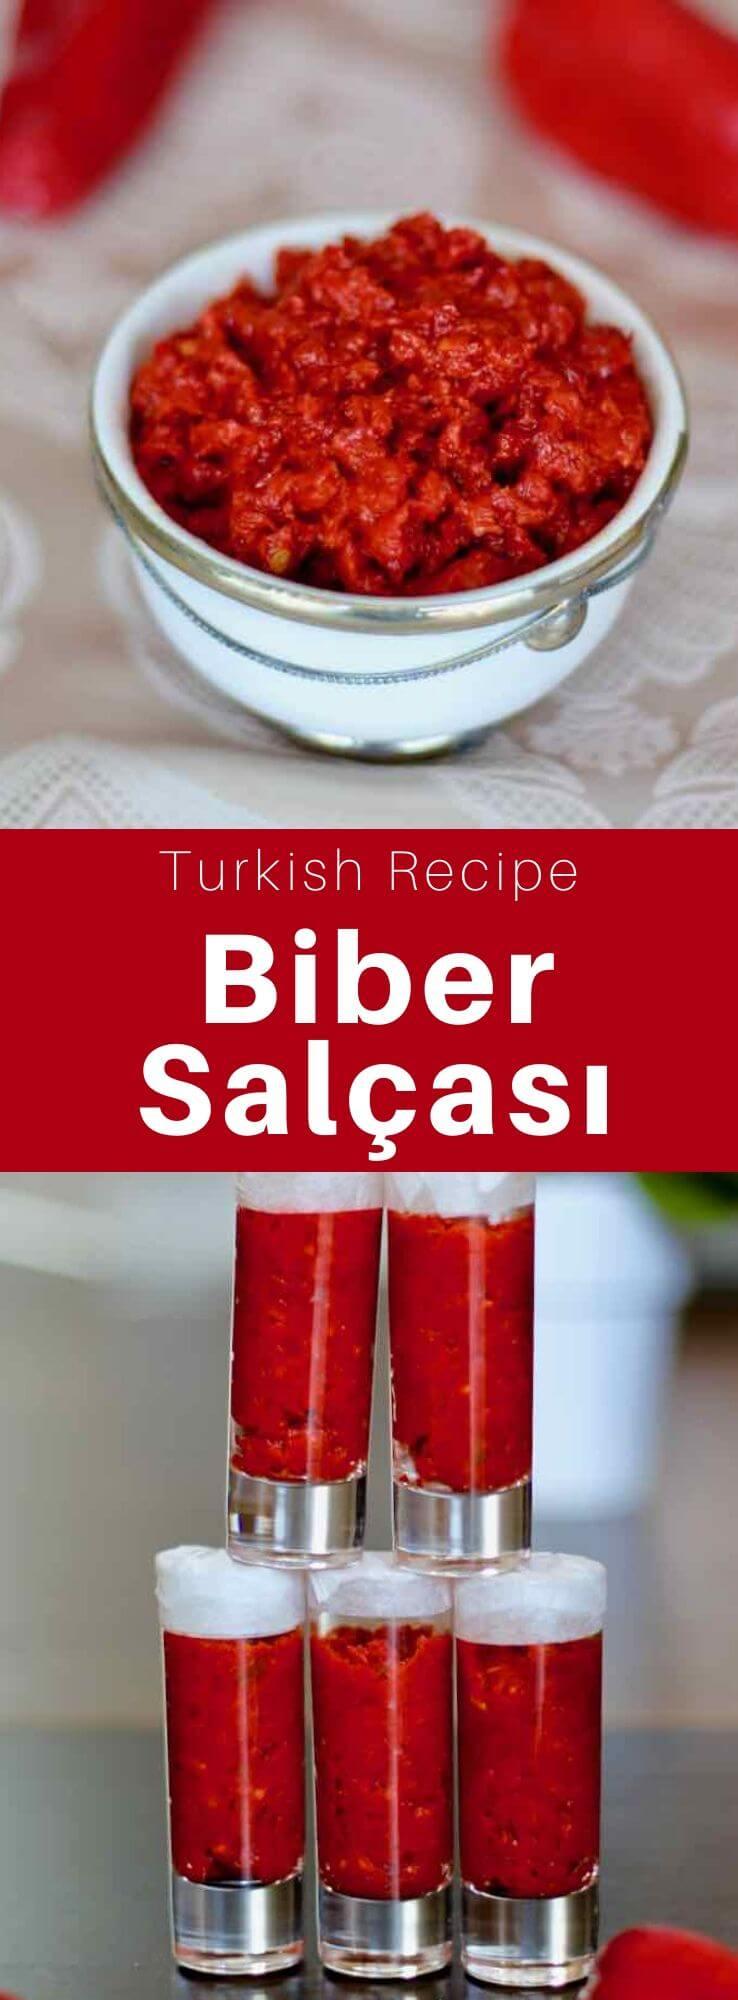 Tatlı biber salçası, sweet pepper paste and acı biber salçası, hot pepper paste, are the two most used condiments in Turkey. #Turkey #Turkish #TurkishRecipe #TurkishFood #TurkishCuisine #WorldCuisine #196flavors